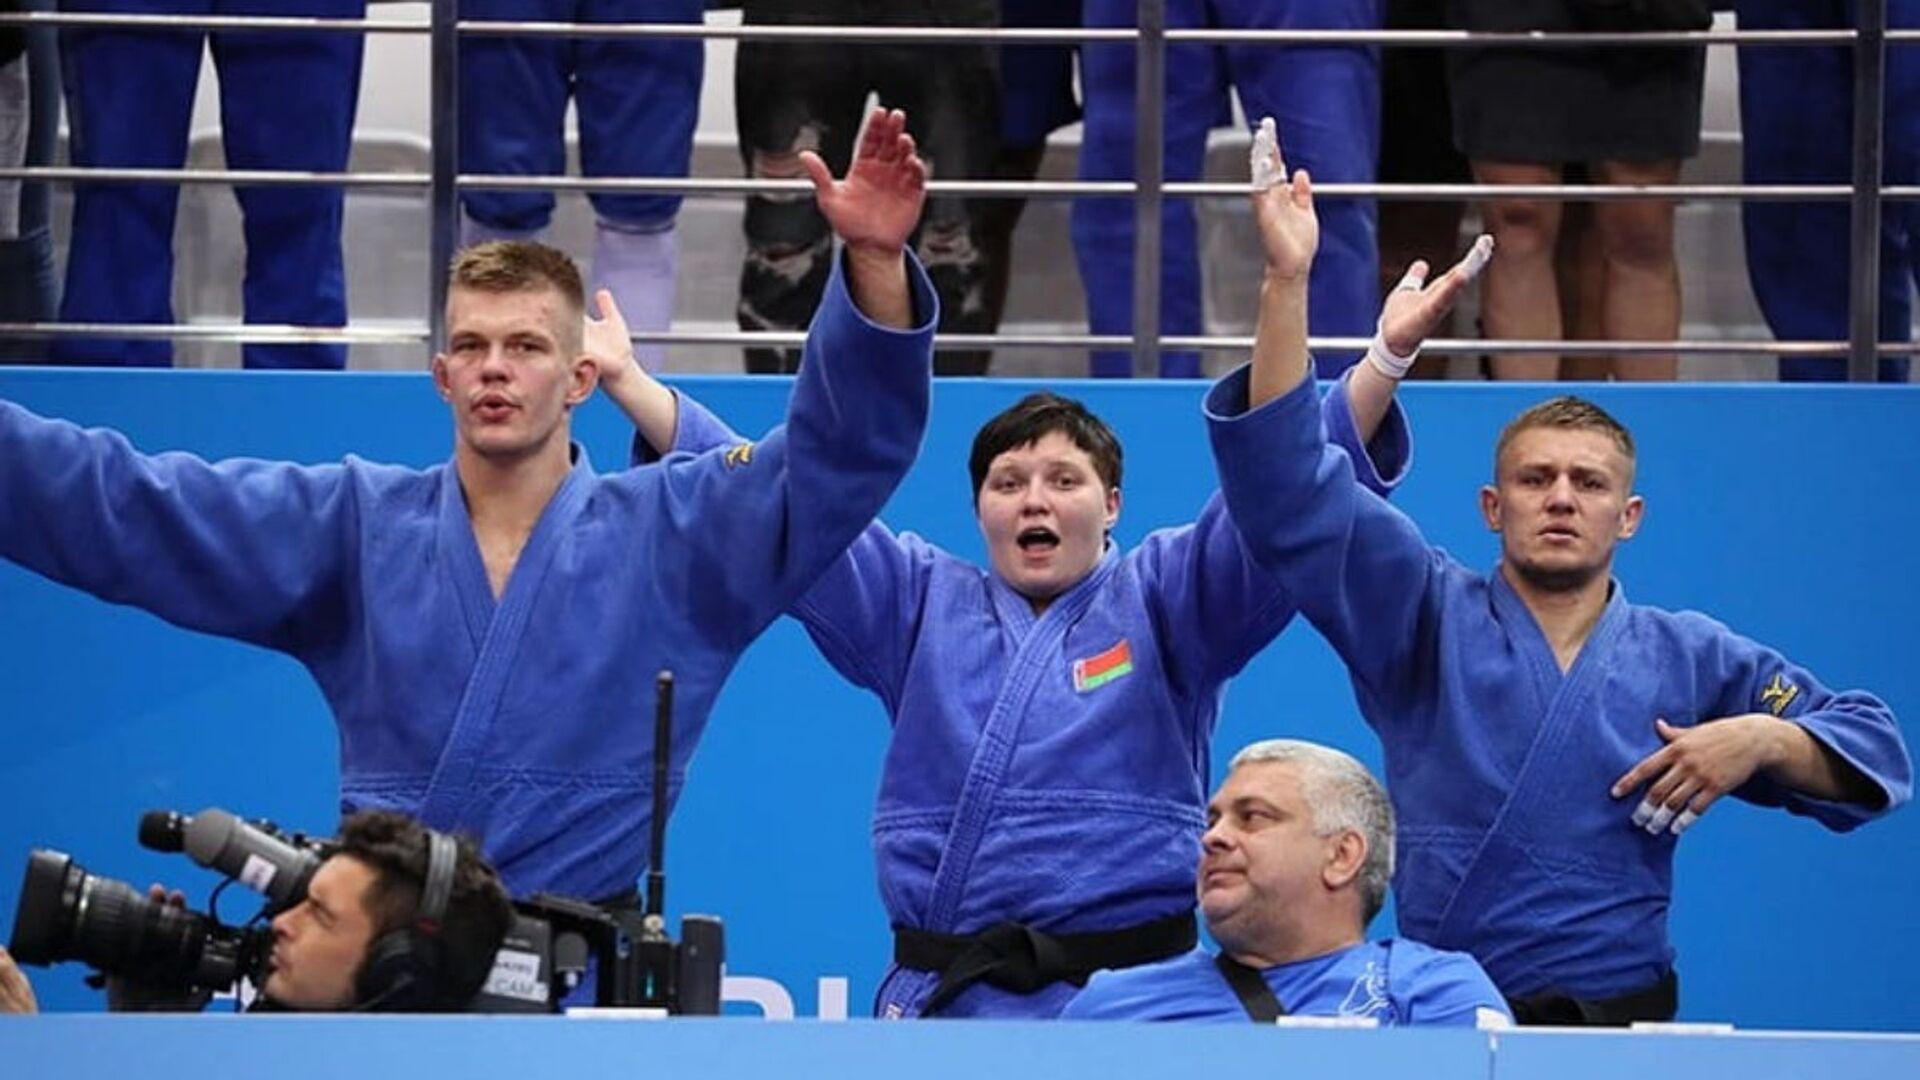 Белорусские дзюдоисты попытают удачу на турнире в Тбилиси - Sputnik Беларусь, 1920, 23.06.2021